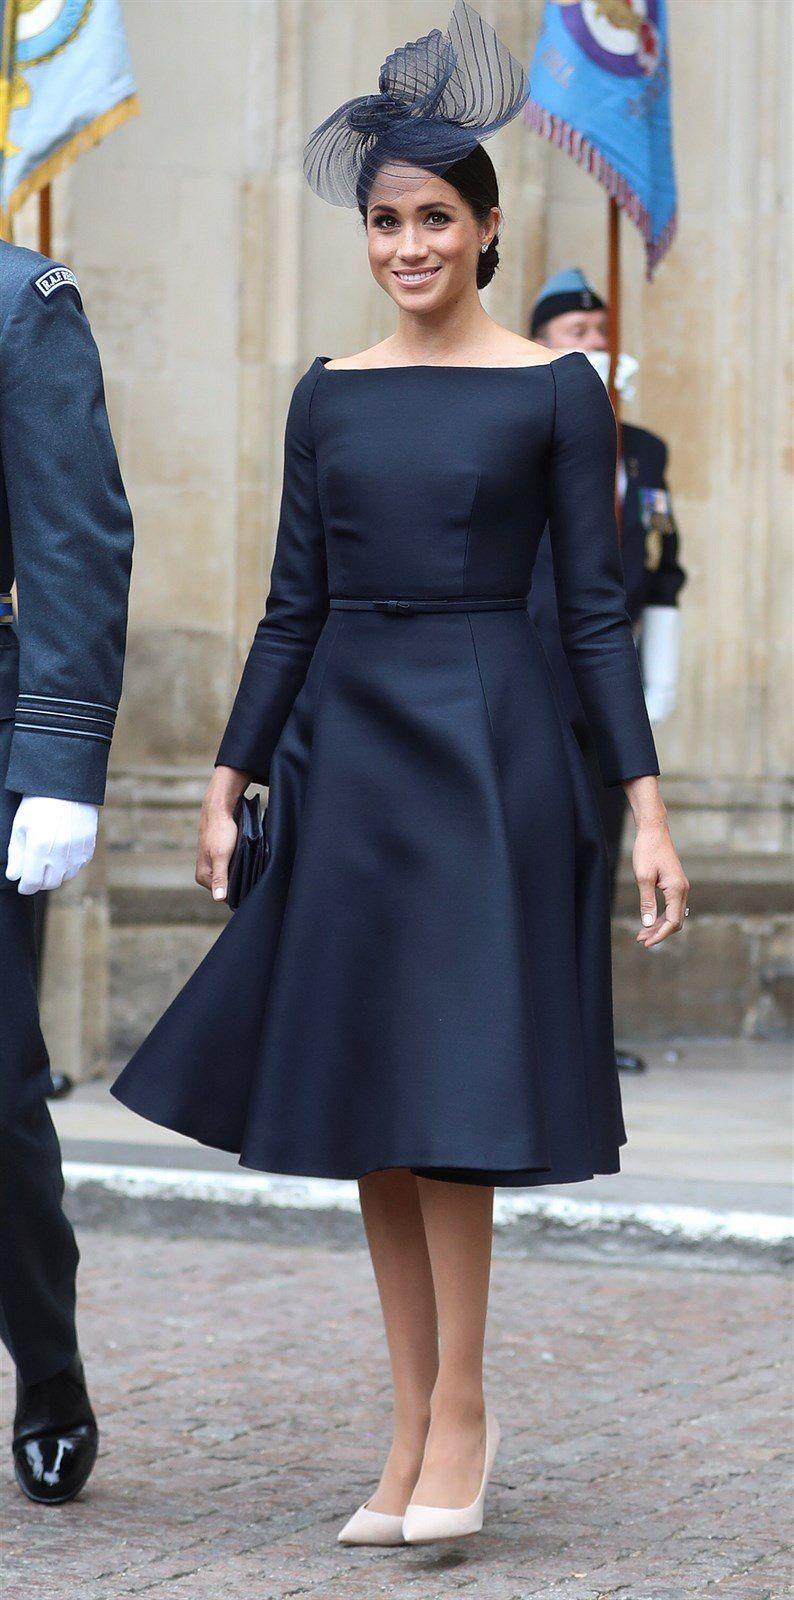 d8e41e90e Vévodkyně ze Sussexu Meghan oblékla temně modré šaty značky Dior ...